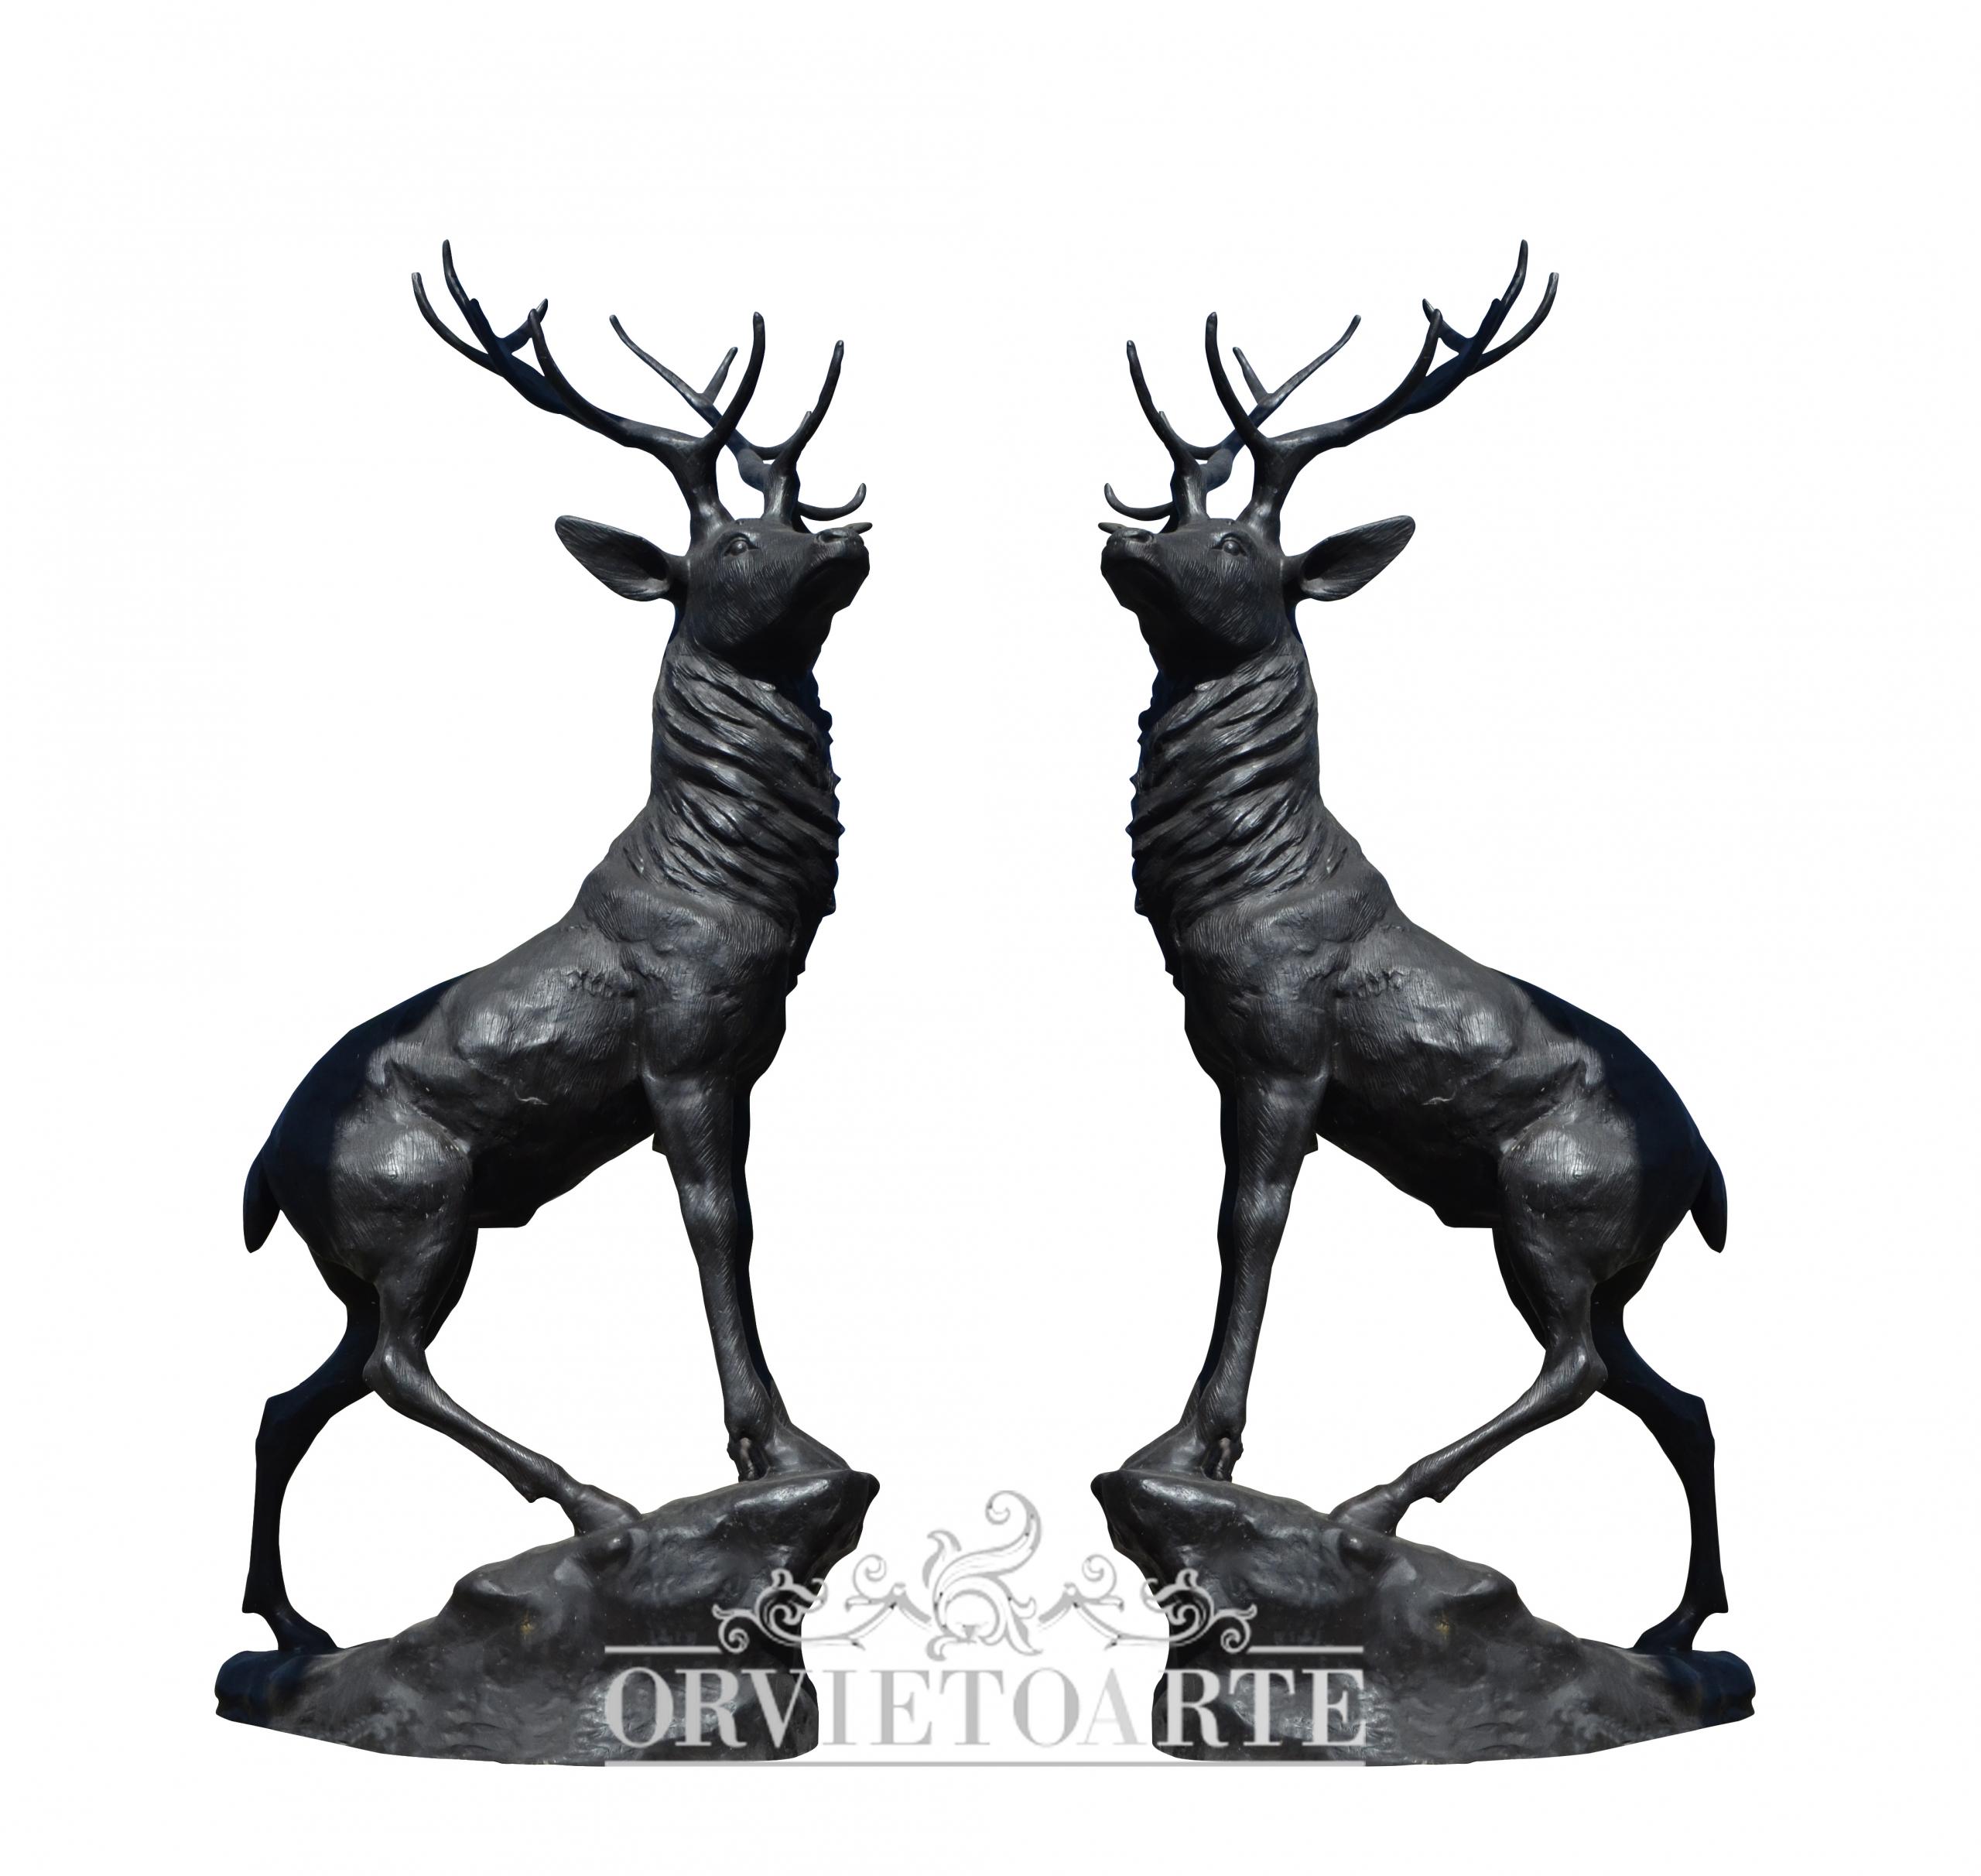 Coppia di cervi in bronzo, animalier, animals, animali, bronze, statue, black, nero, fratin, scultura, scultore, sculptor.